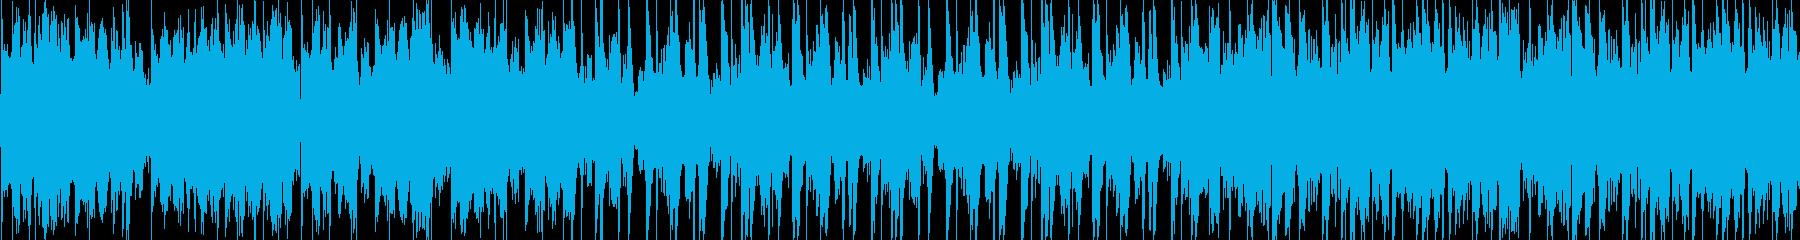 雨の日に/チルアウトヒップホップ/ループの再生済みの波形